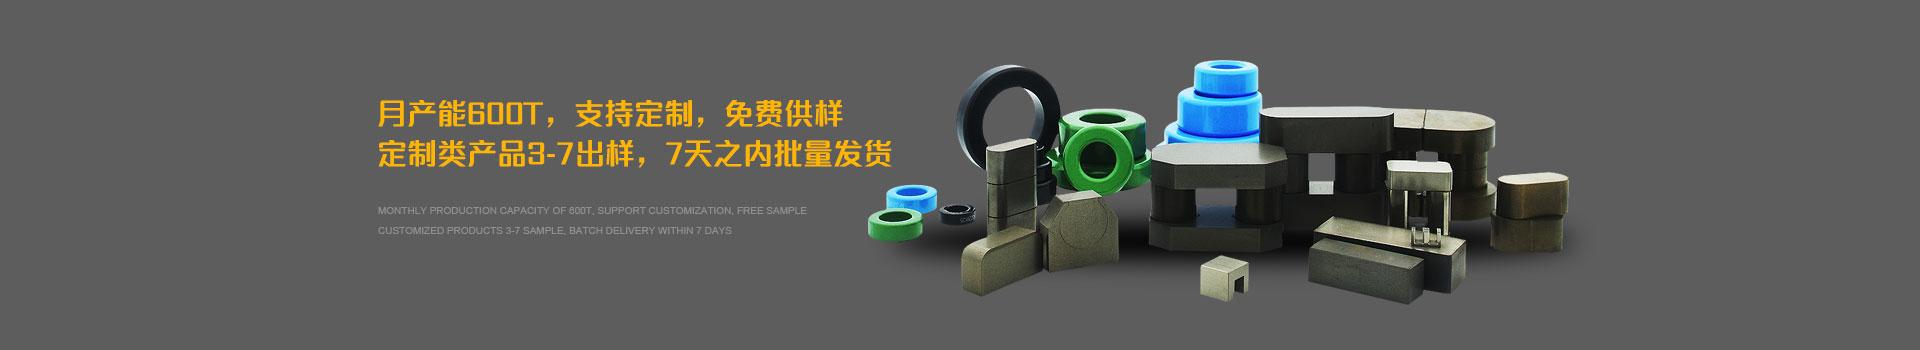 金磁高科,月产能600T,支持定制,免费供样